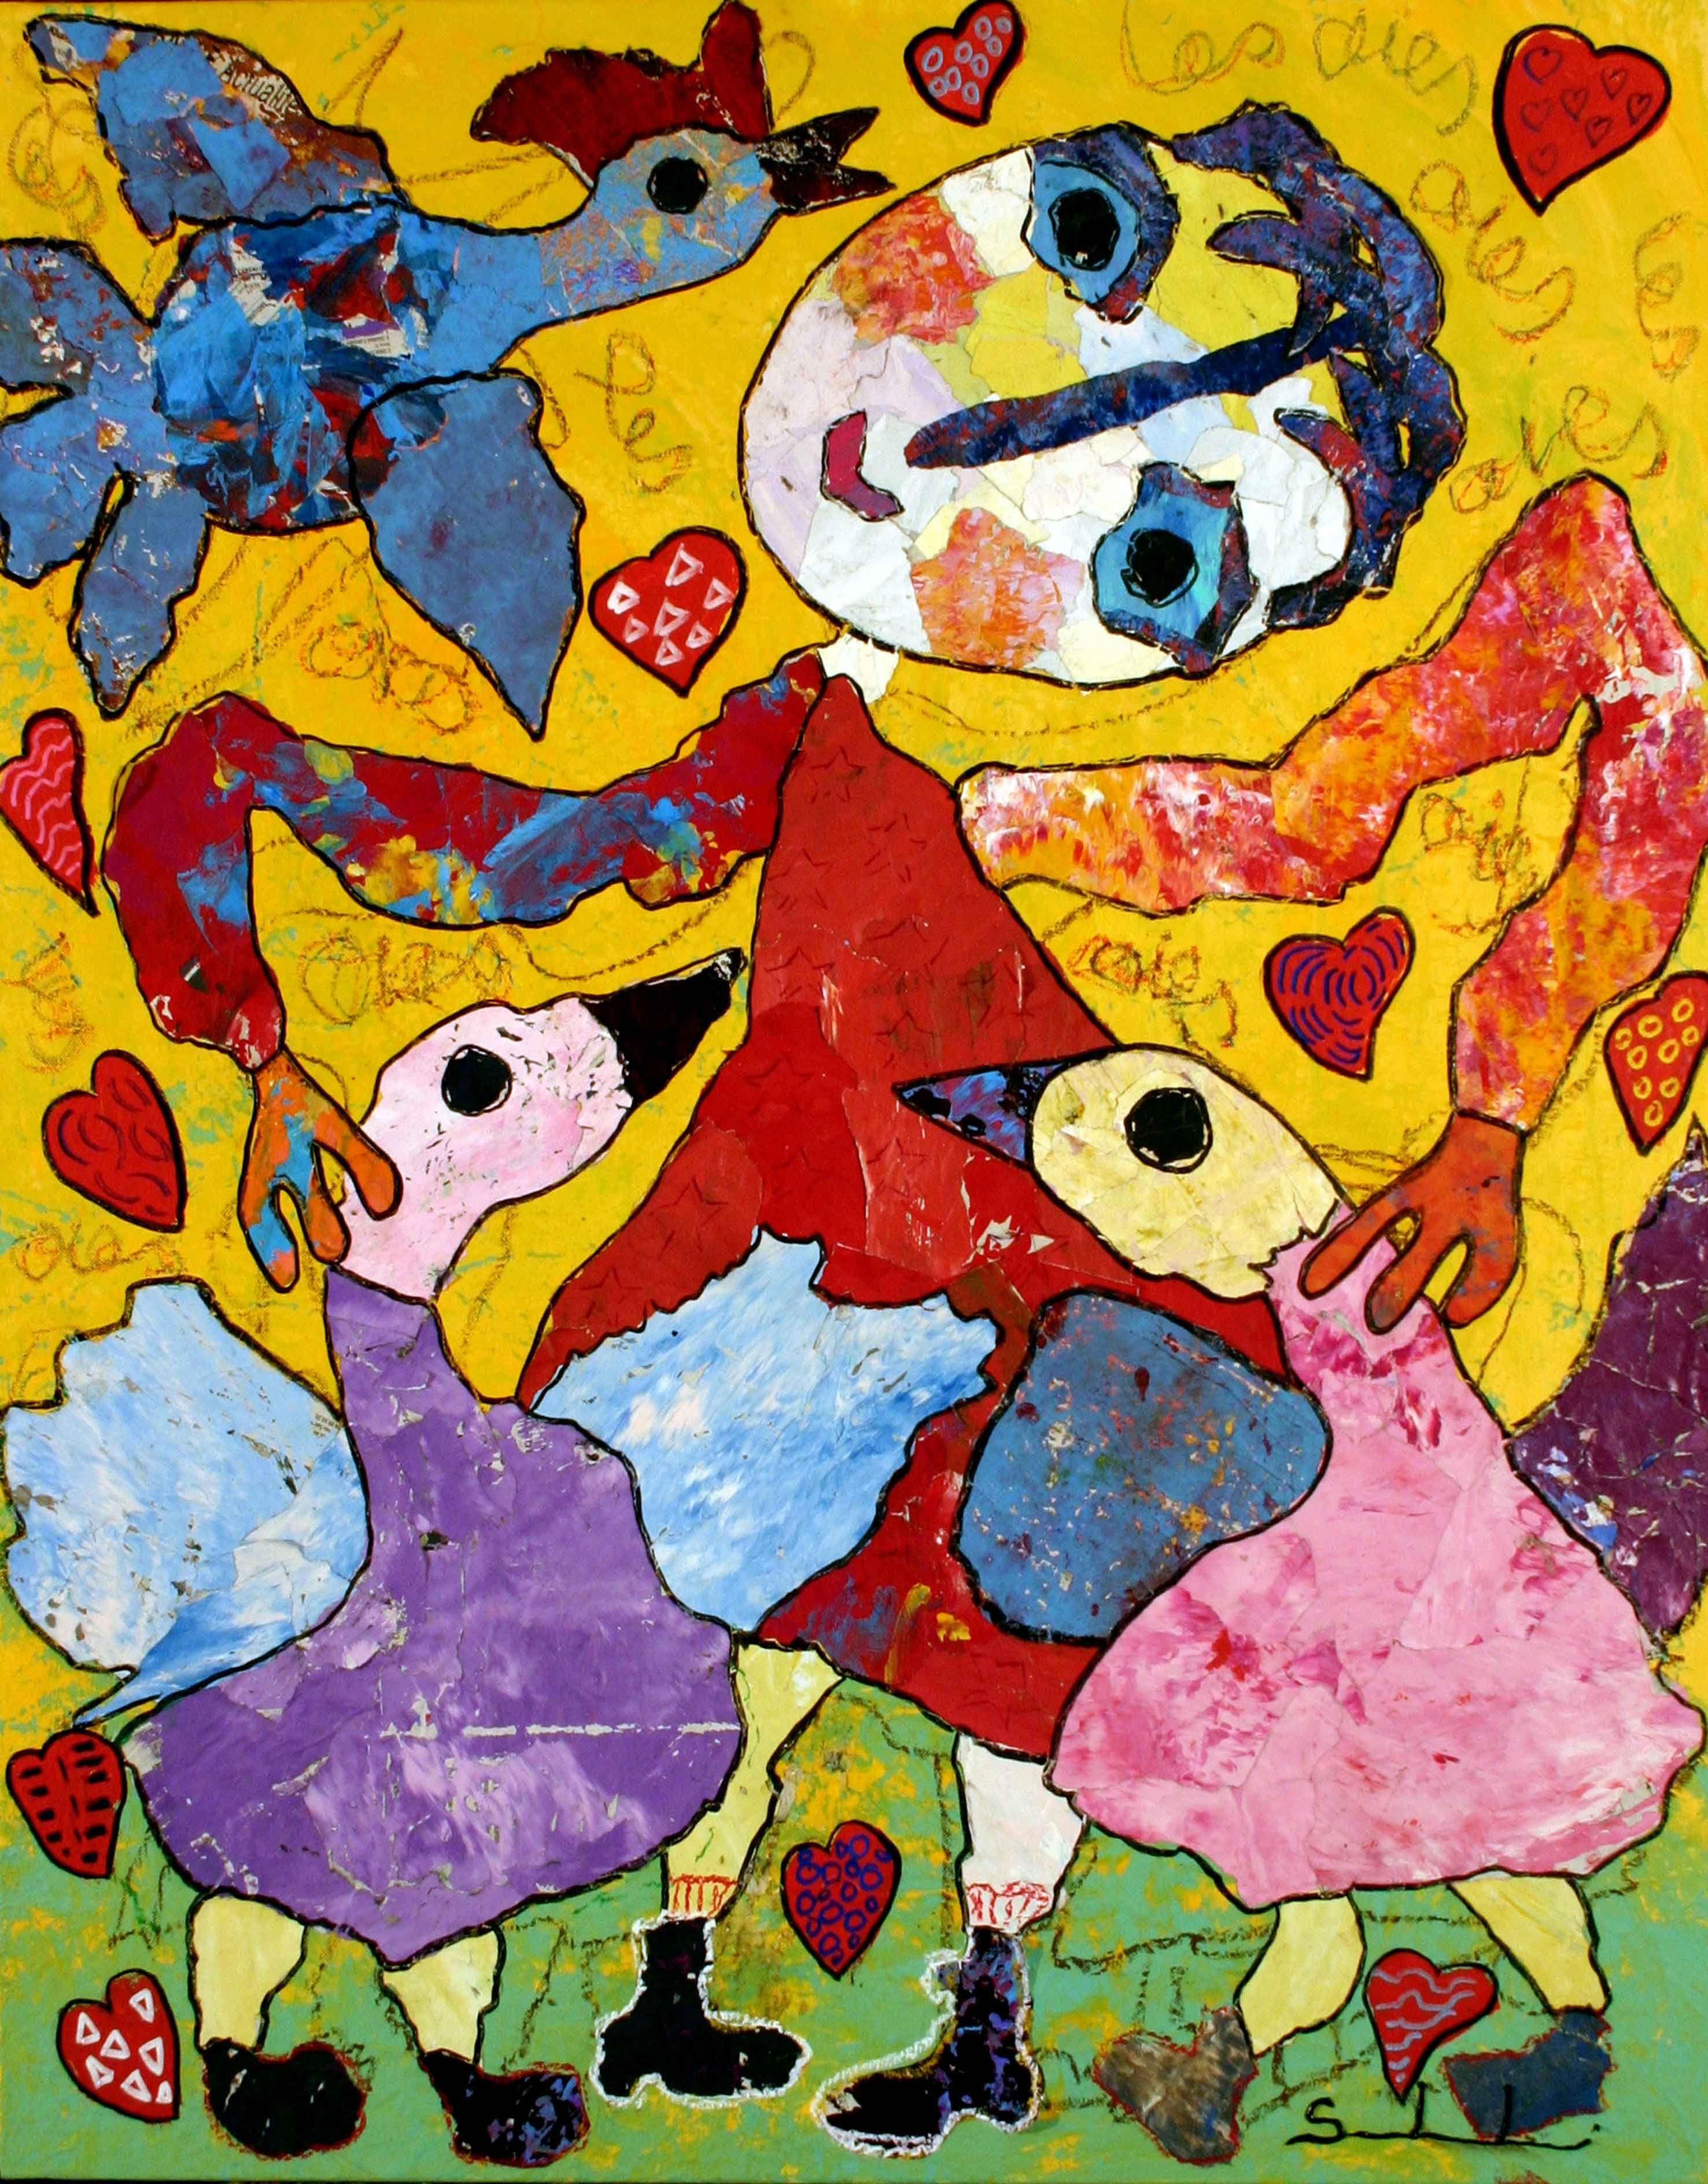 Galerie Maznel Jean Louis Salvadori Peinture Avec Images Les